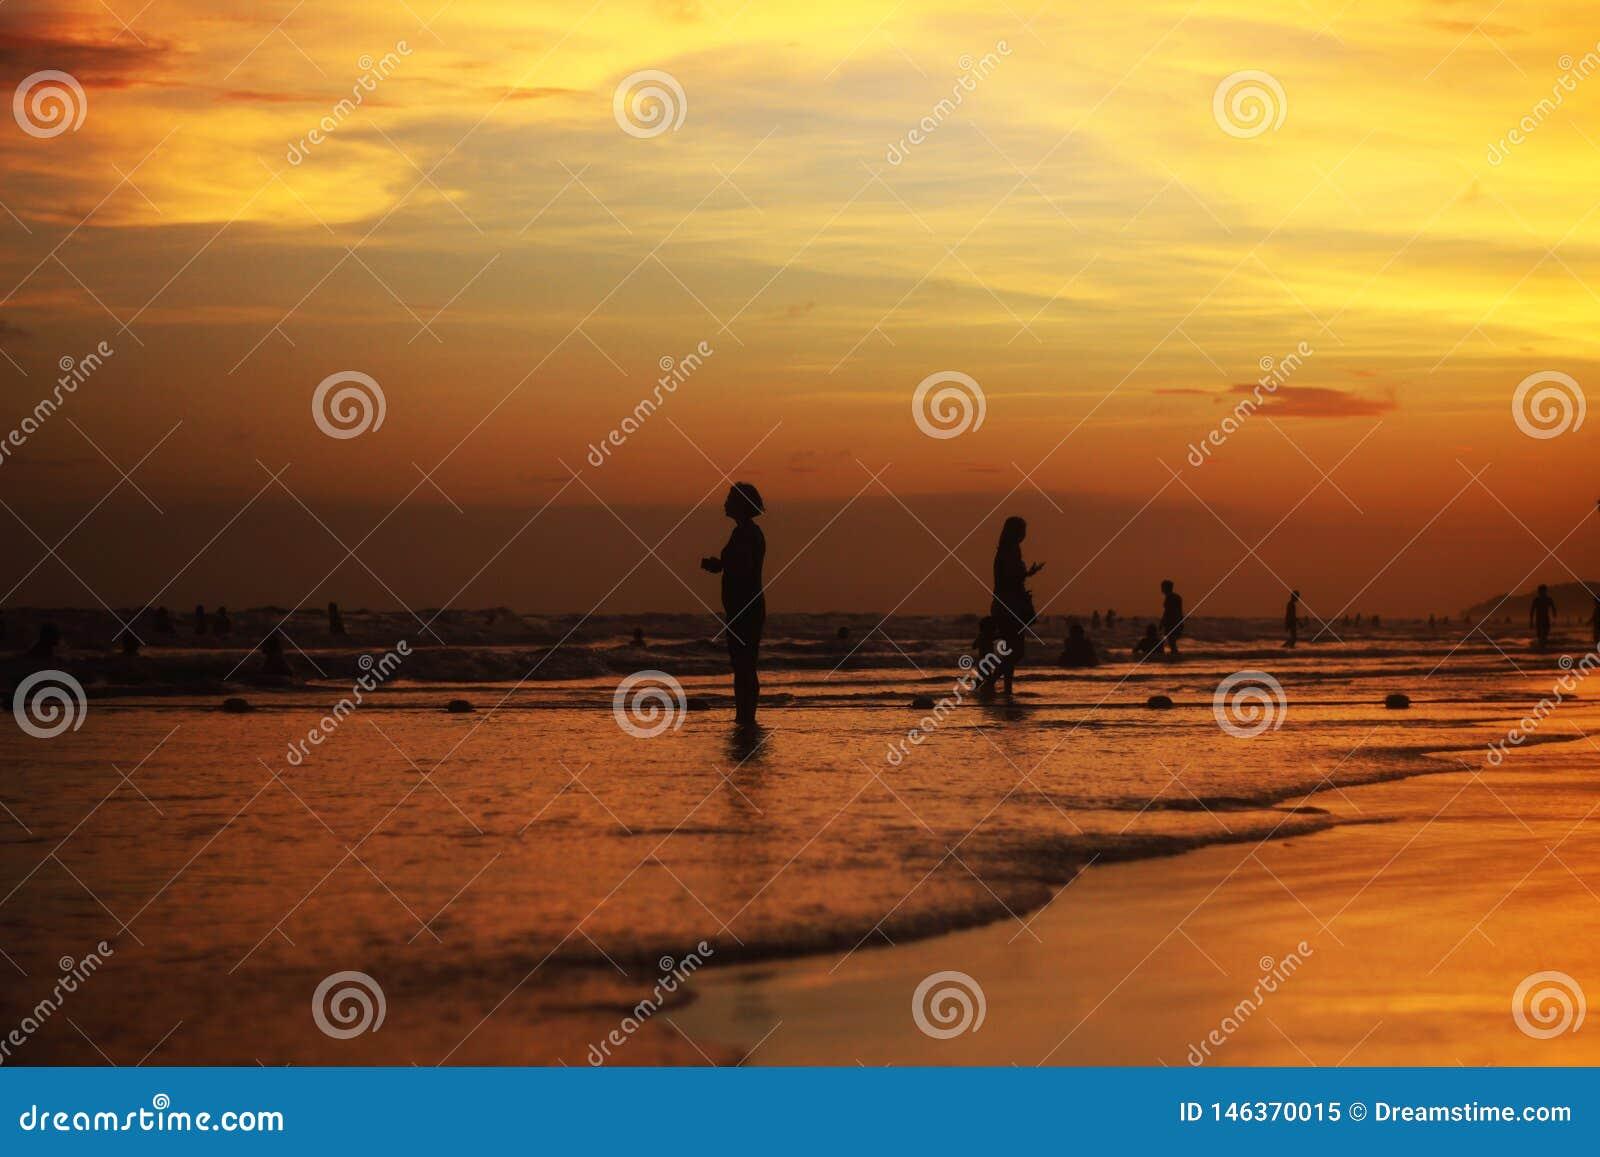 Η θάλασσα στο σούρουπο απεικονίζει το κίτρινο φως